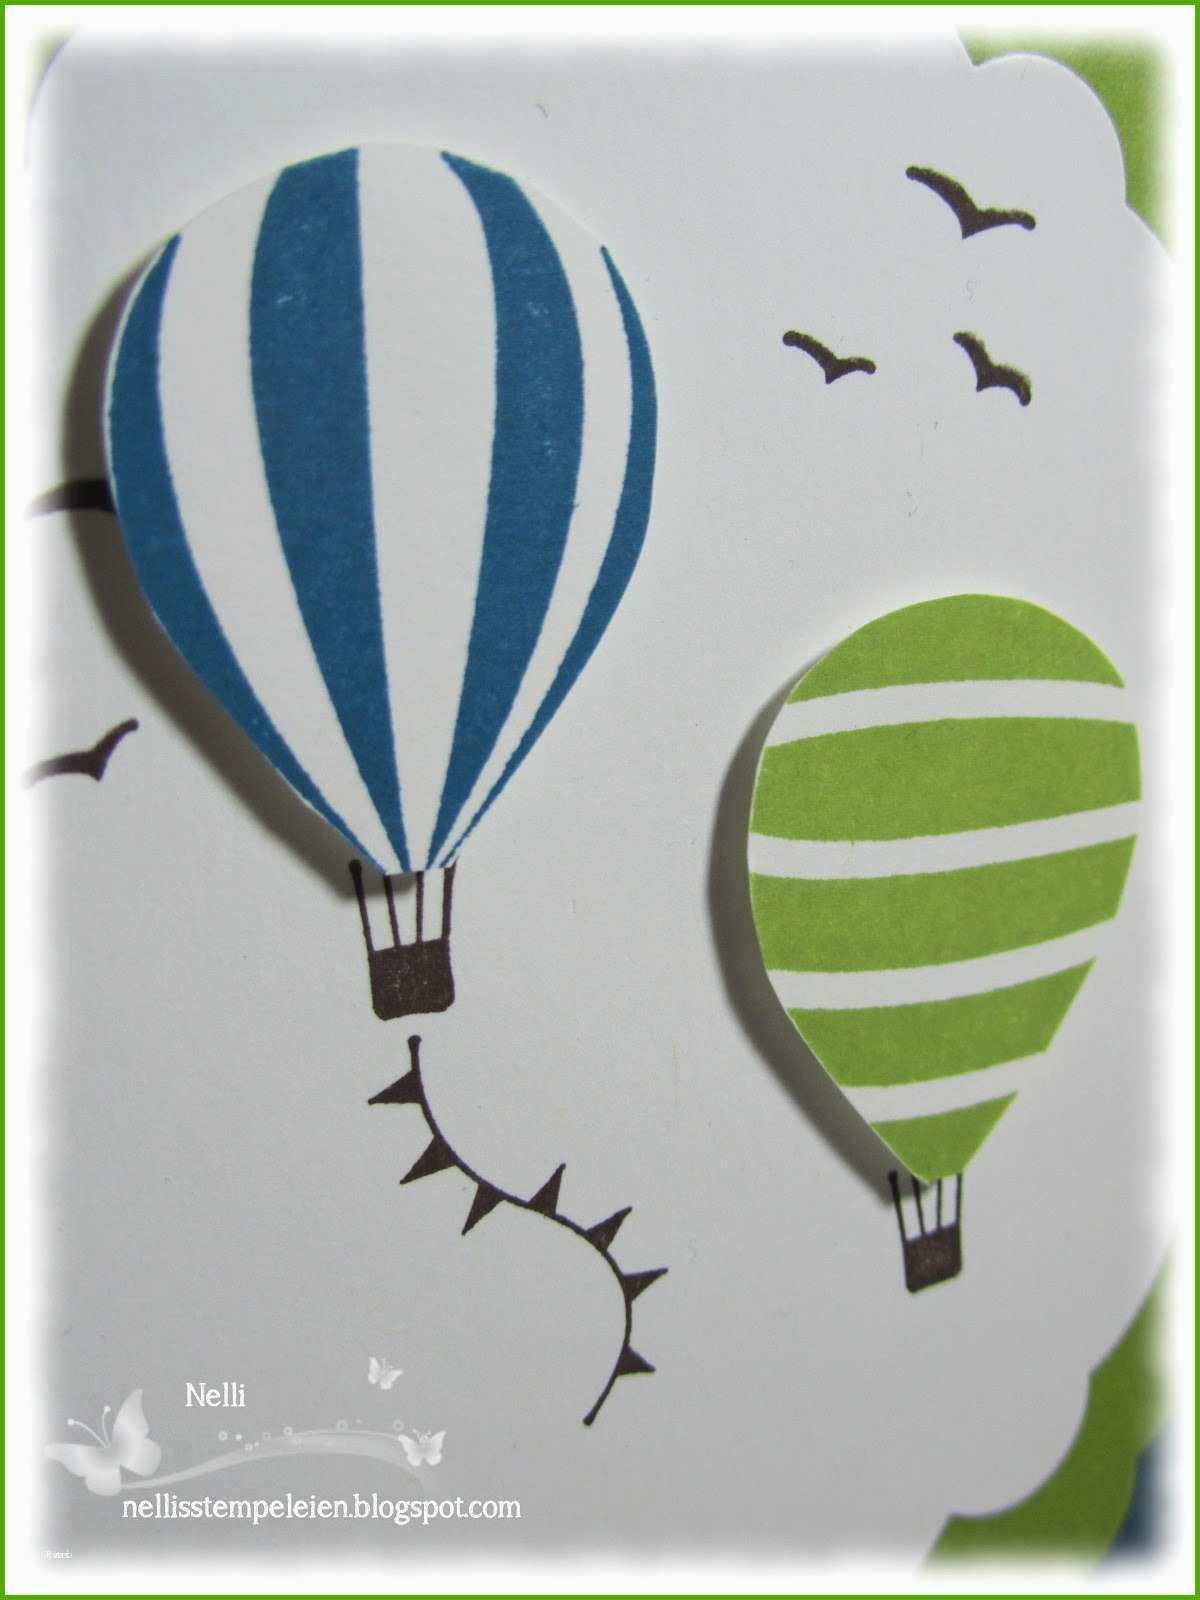 11 Atemberaubend Heissluftballon Basteln Vorlage Papier Sie Jetzt Versuchen Mussen Heissluftballon Basteln Heisluftballon Basteln Basteln